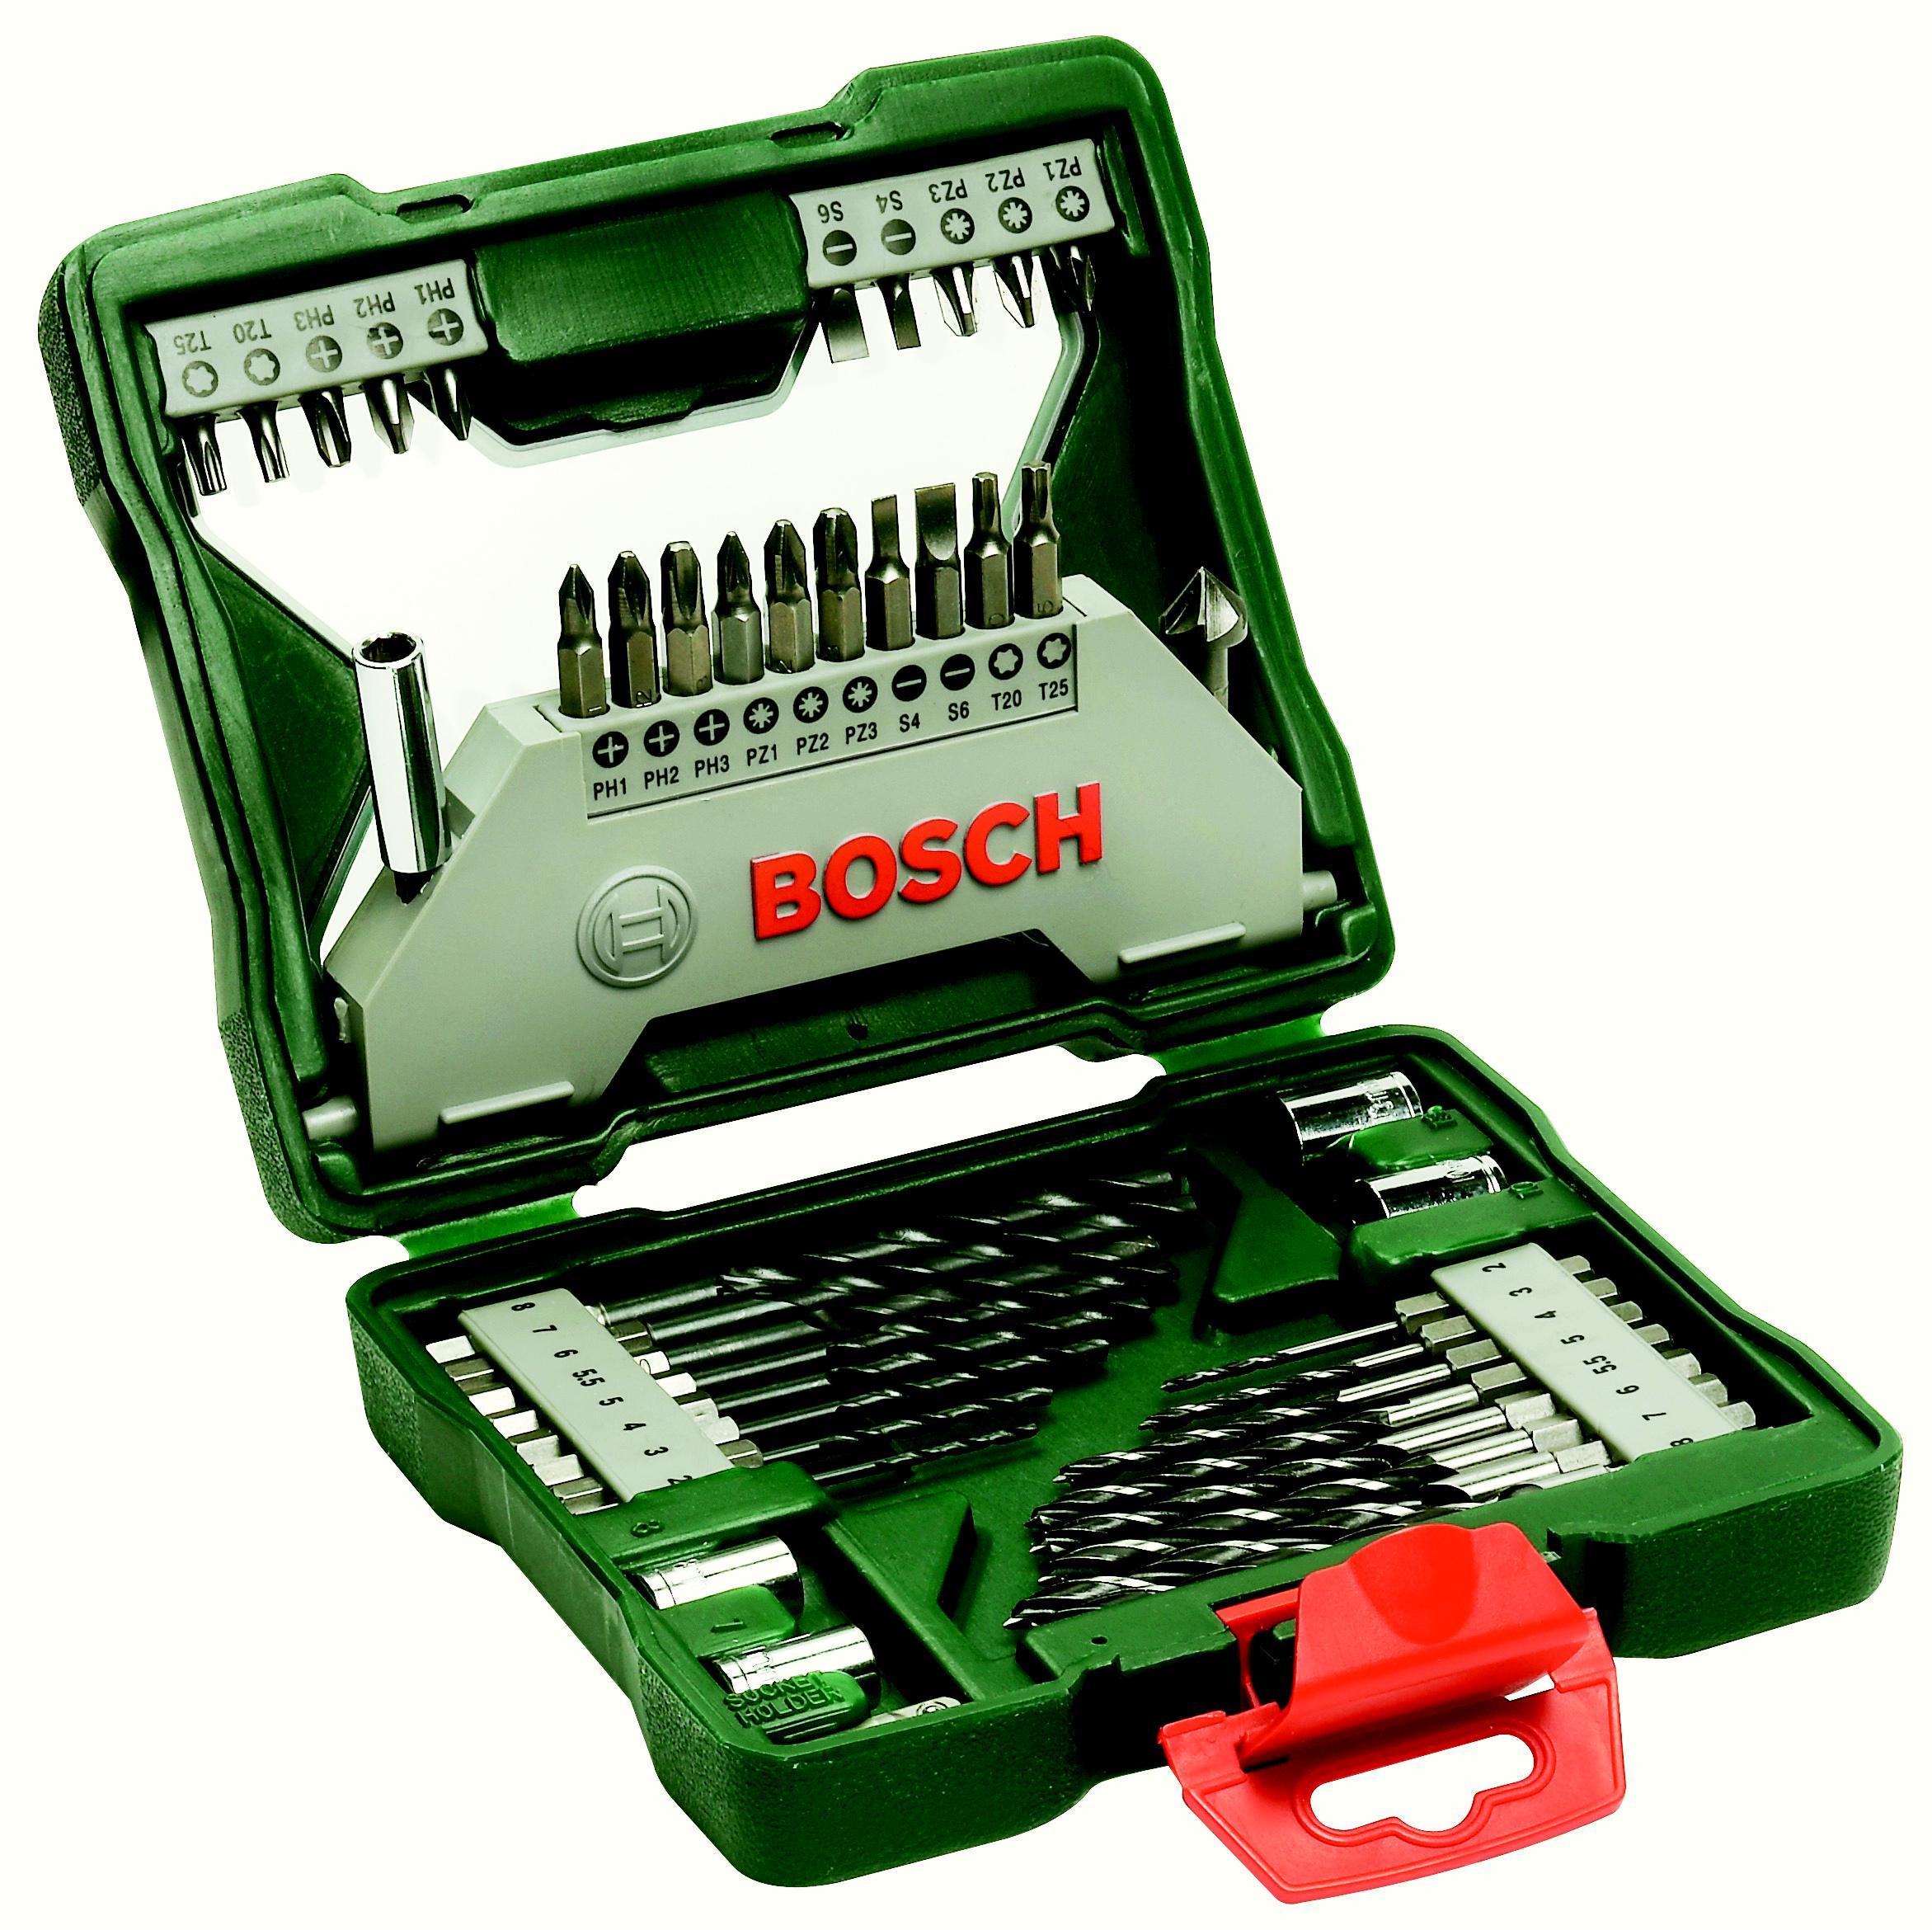 Набор бит и сверл Bosch X-line 43 шестигранный (2.607.019.613) набор инструмента bosch x line 103 2607019331